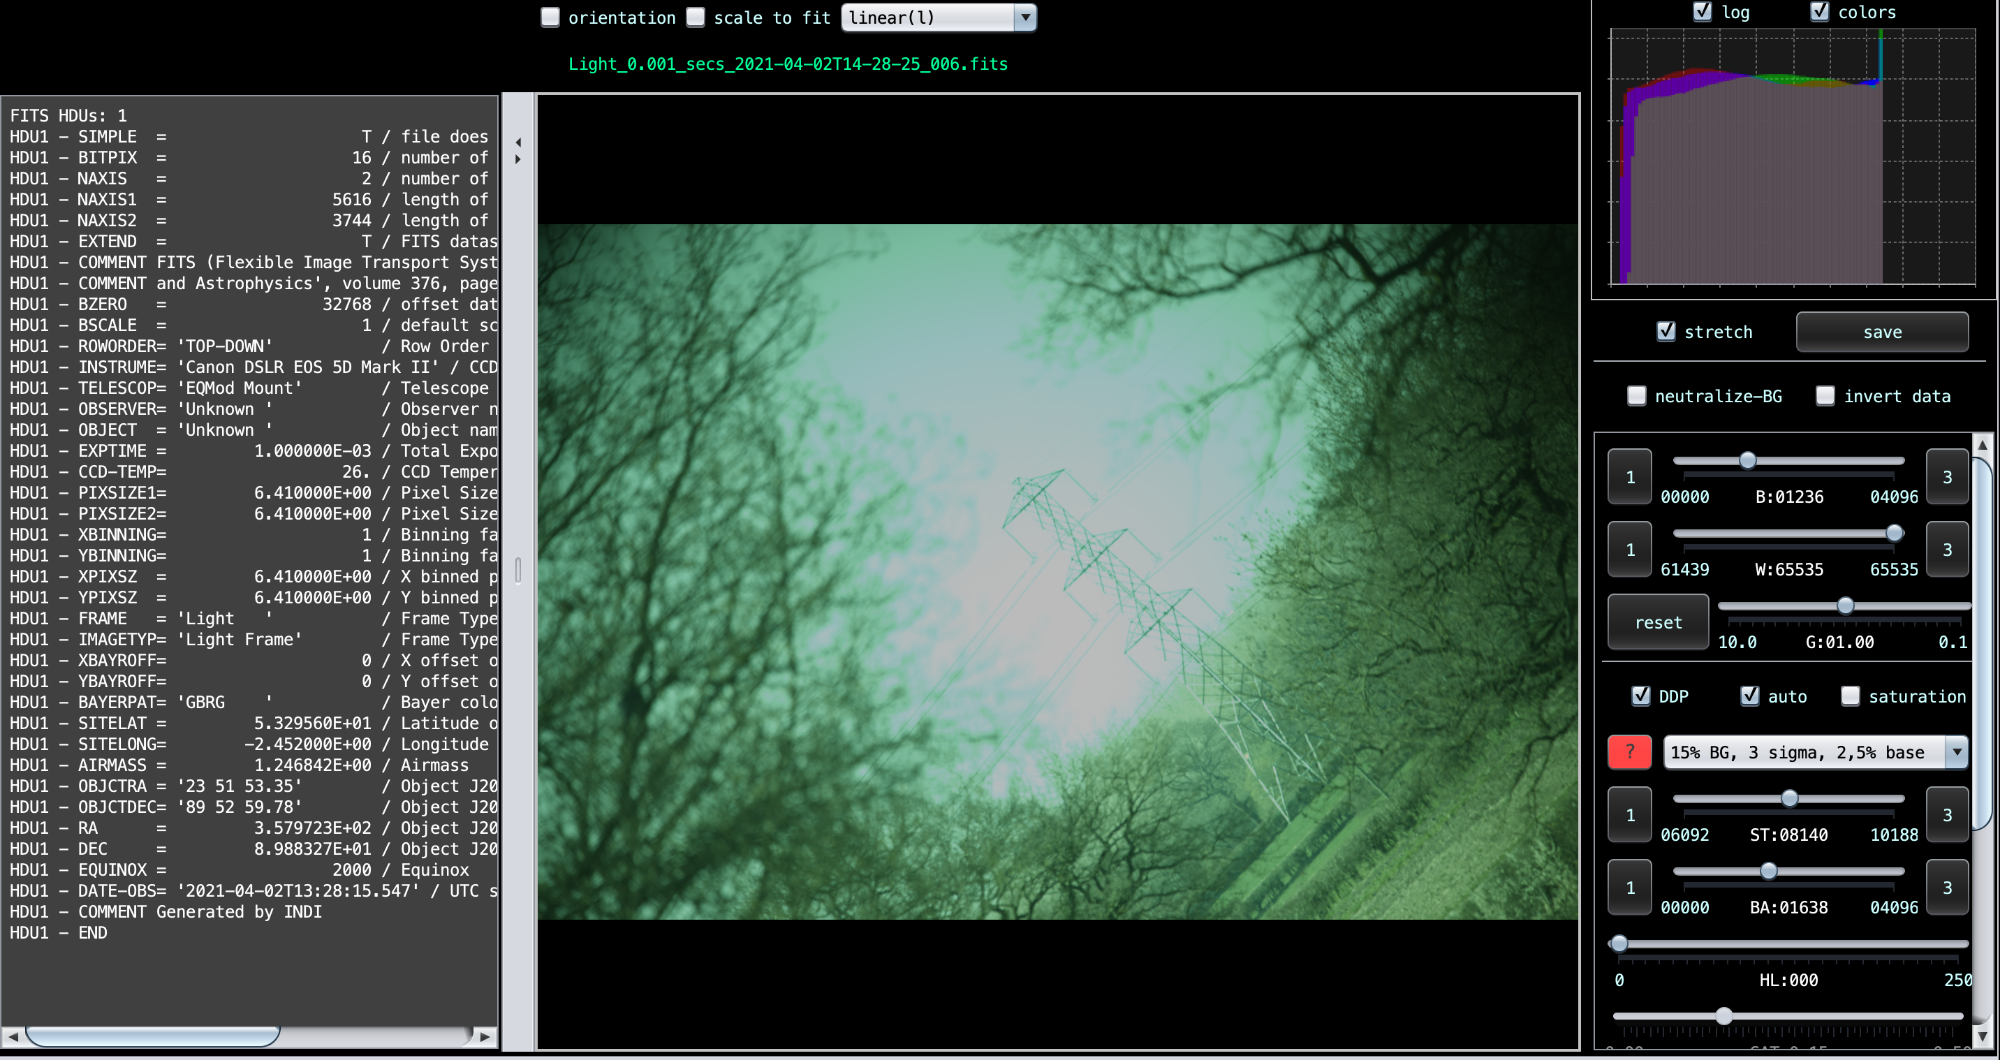 Screenshot2021-04-02at17.50.38.png